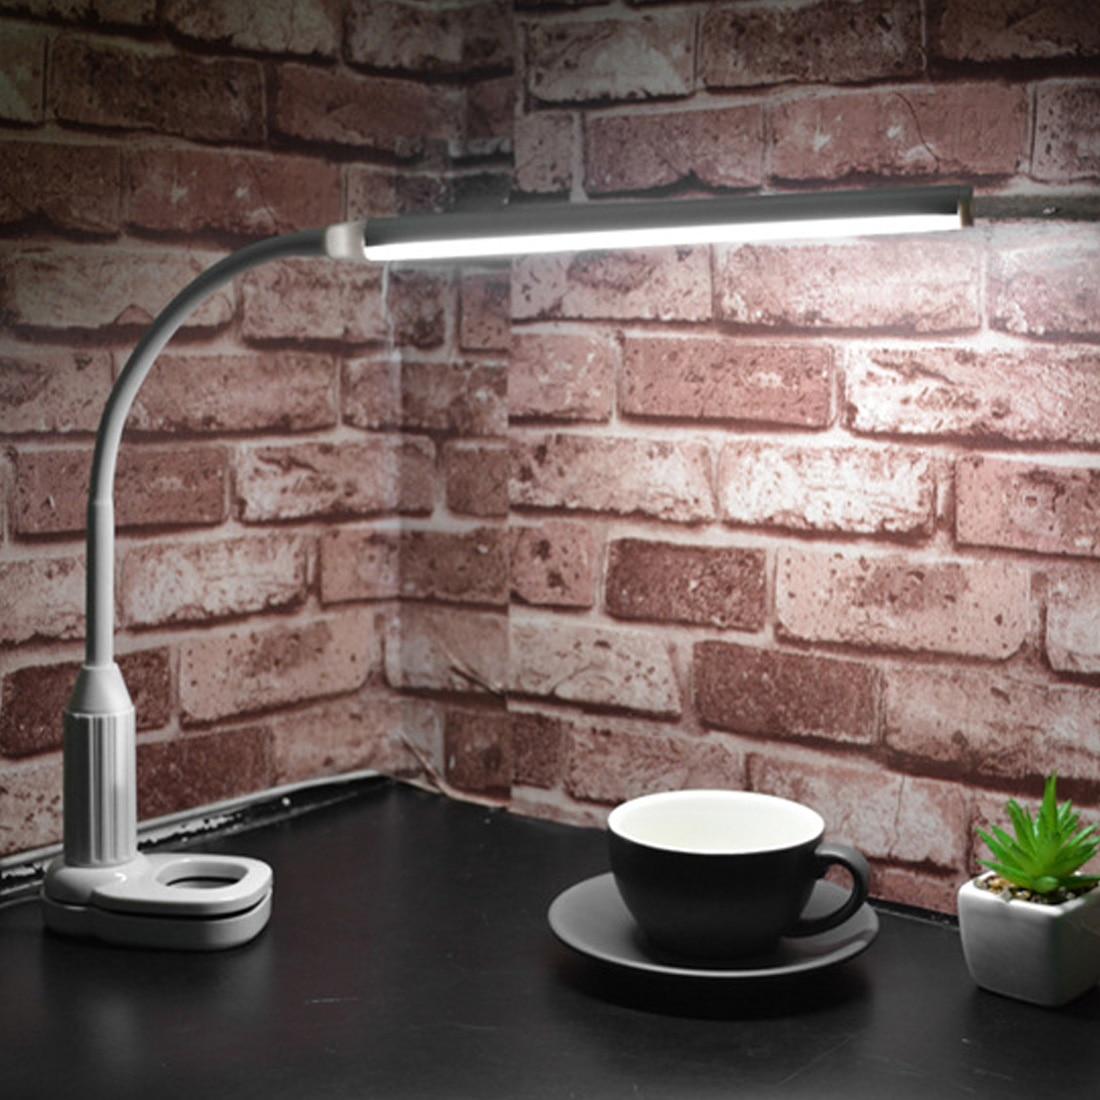 USB Powered Touch Sensor Led 5 watt 24 LEDs Auge Schützen Clamp Clip Licht Mini Ordner Lampe Tisch Lampe Stufenlose dimmbare Biegsamen